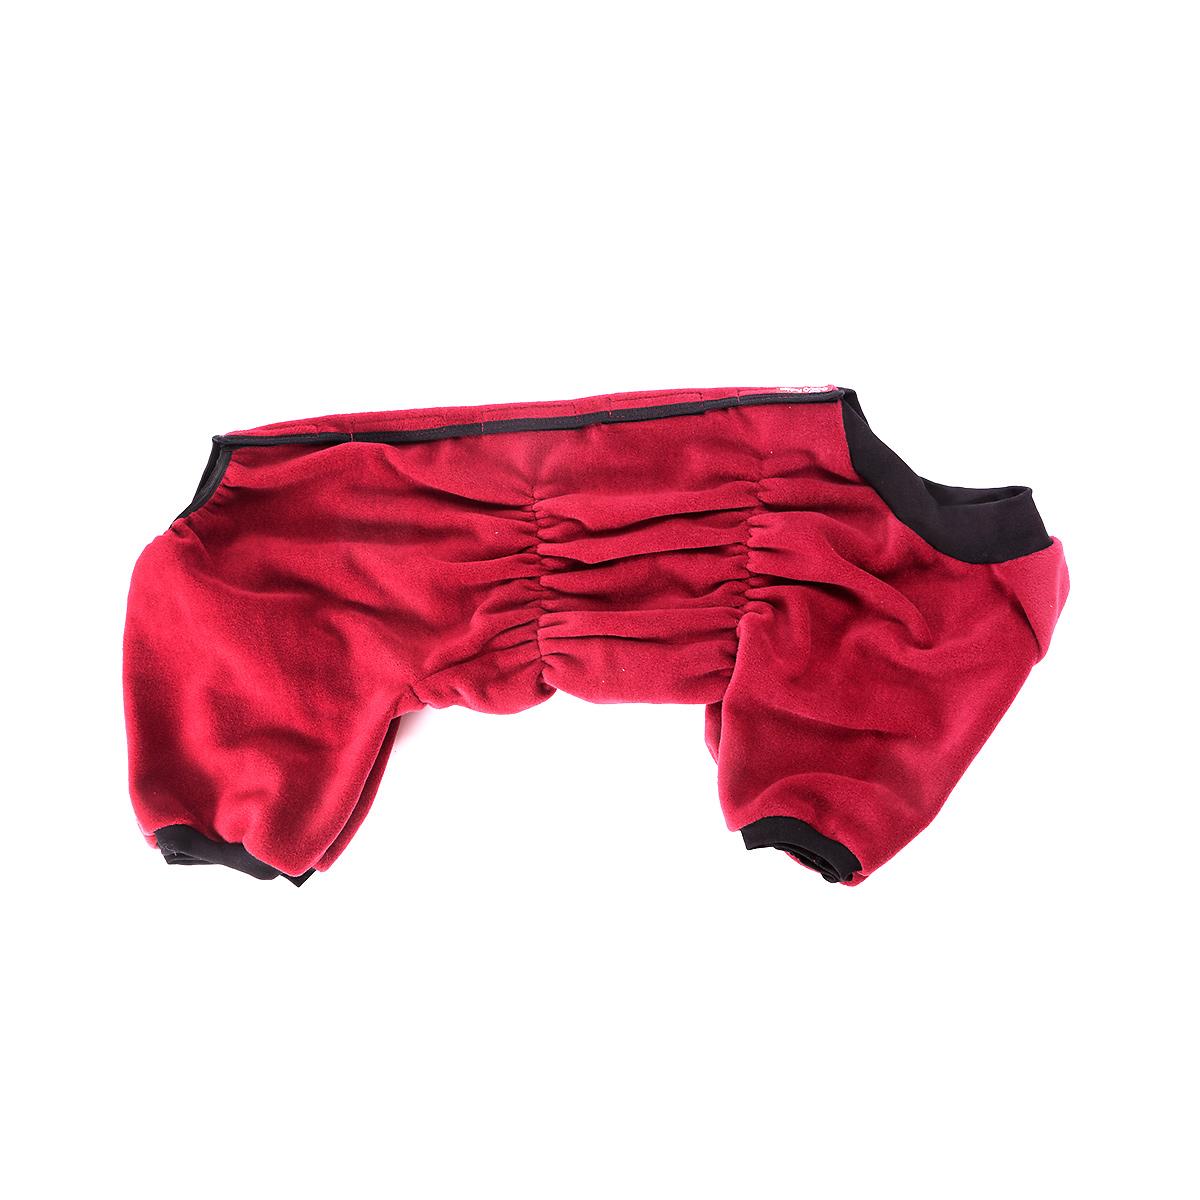 Комбинезон для собак OSSO Fashion, для девочки, цвет: бордовый. Размер 65DM-160102-3_оранжКомбинезон для собак OSSO Fashion выполнен из флиса. Комфортная посадка по корпусу достигается за счет резинок-утяжек под грудью и животом. На воротнике имеются завязки, для дополнительной фиксации. Можно носить самостоятельно и как поддевку под комбинезон для собак. Изделие отлично стирается, быстро сохнет.Длина спинки: 65 см.Объем груди: 74-102 см.